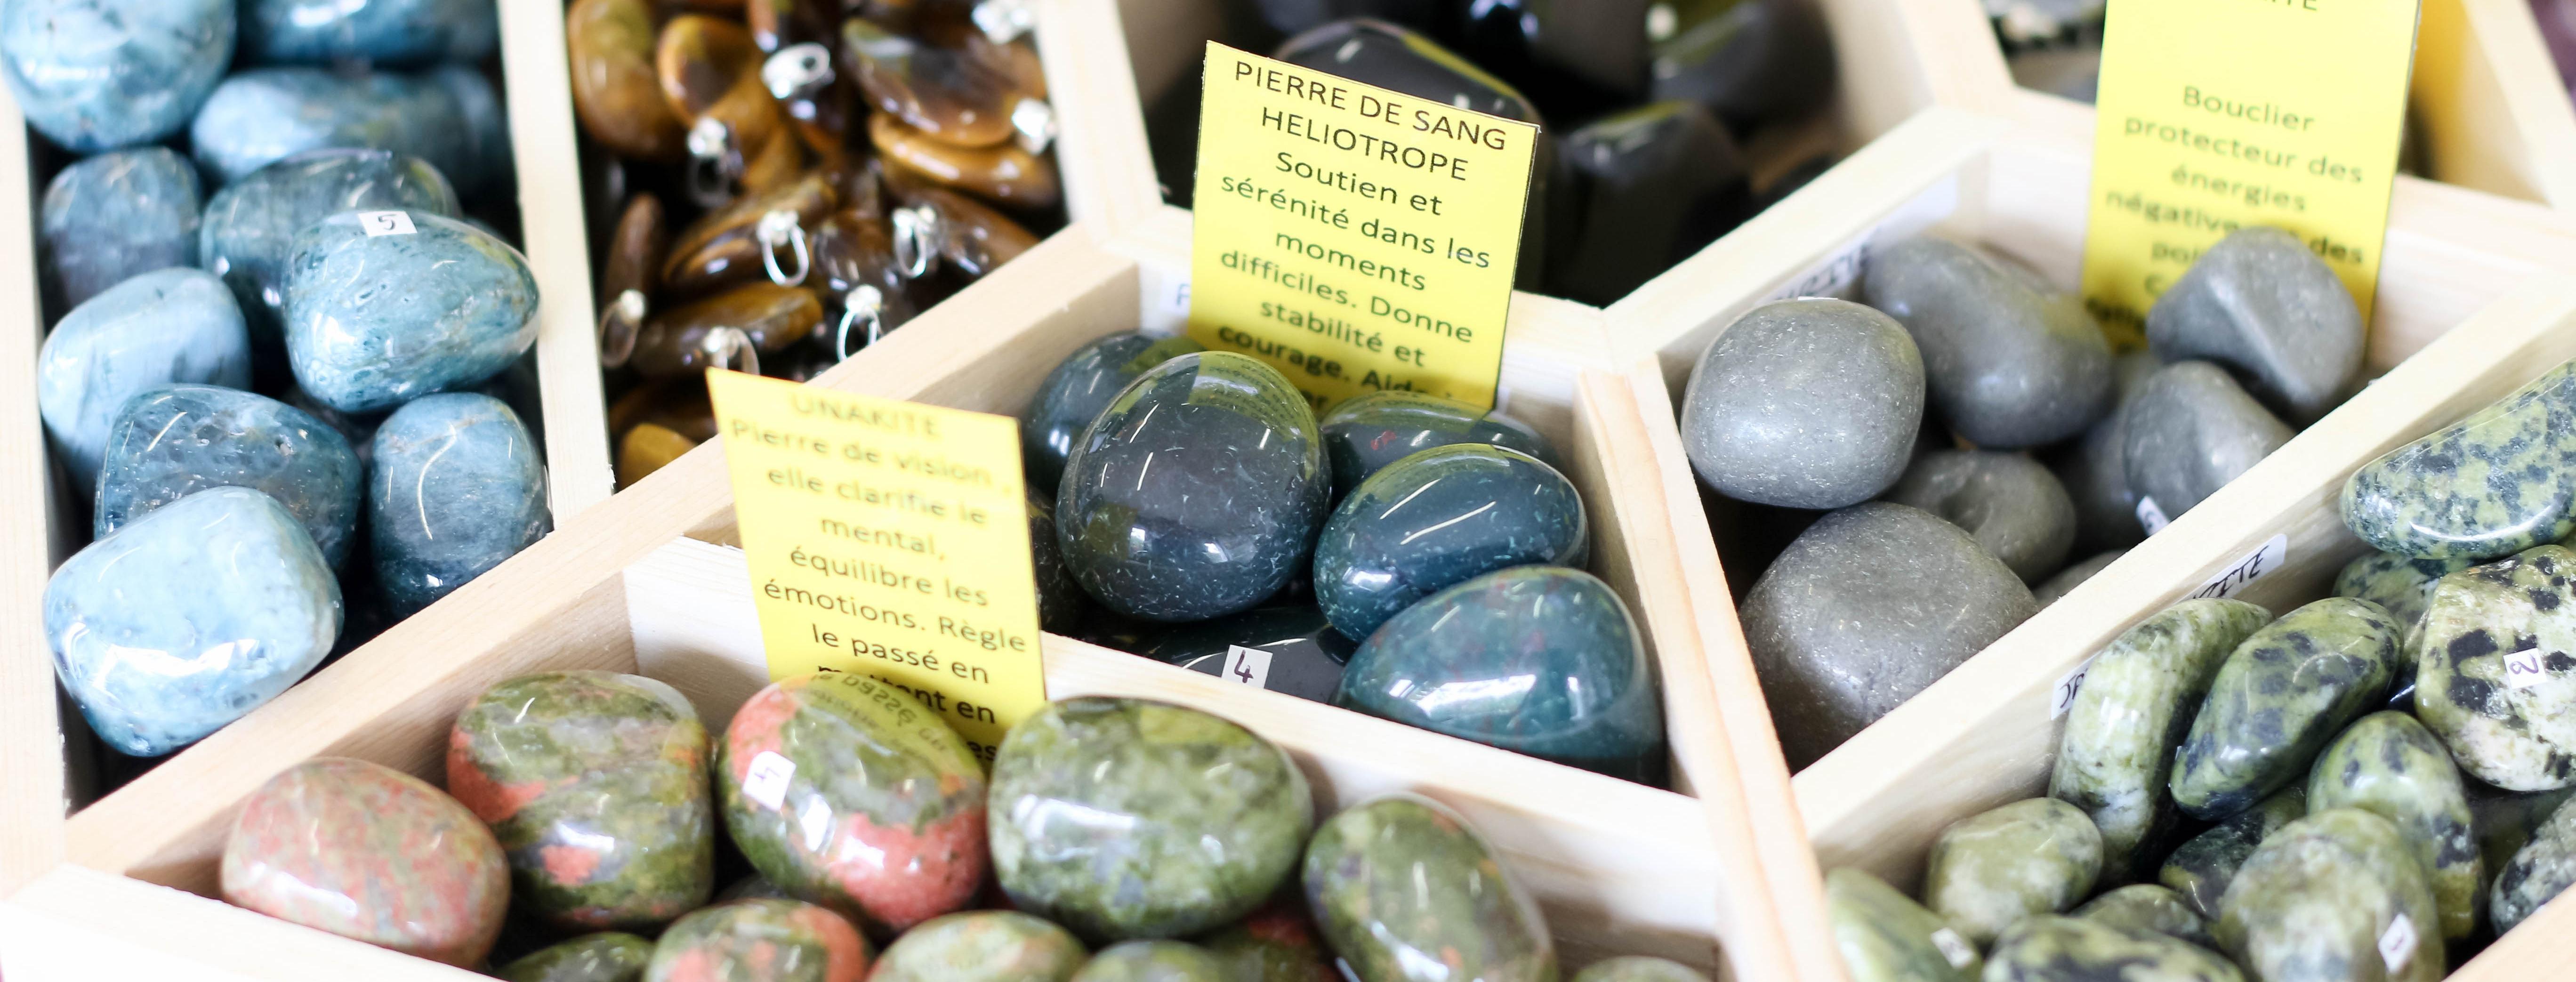 pierres-mineraux-l-aurore-celeste-lille-haubourdin